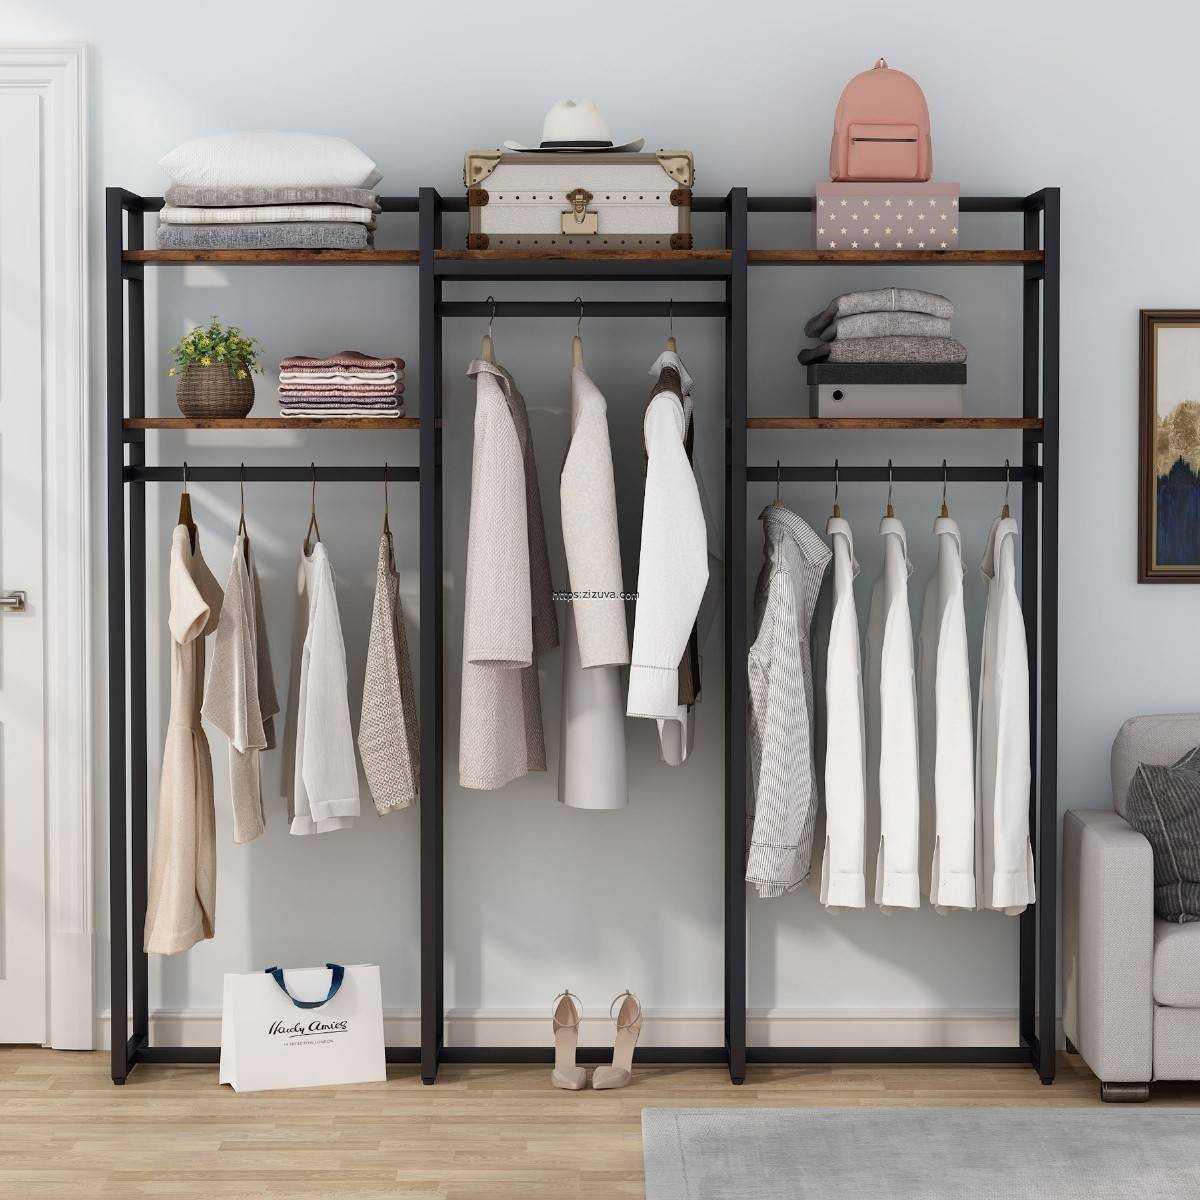 Zizuva Tasarım  3 Bölmeli Giyinme Odası Butik Ayakkabı Elbise Düzenleyici Modern Askılık